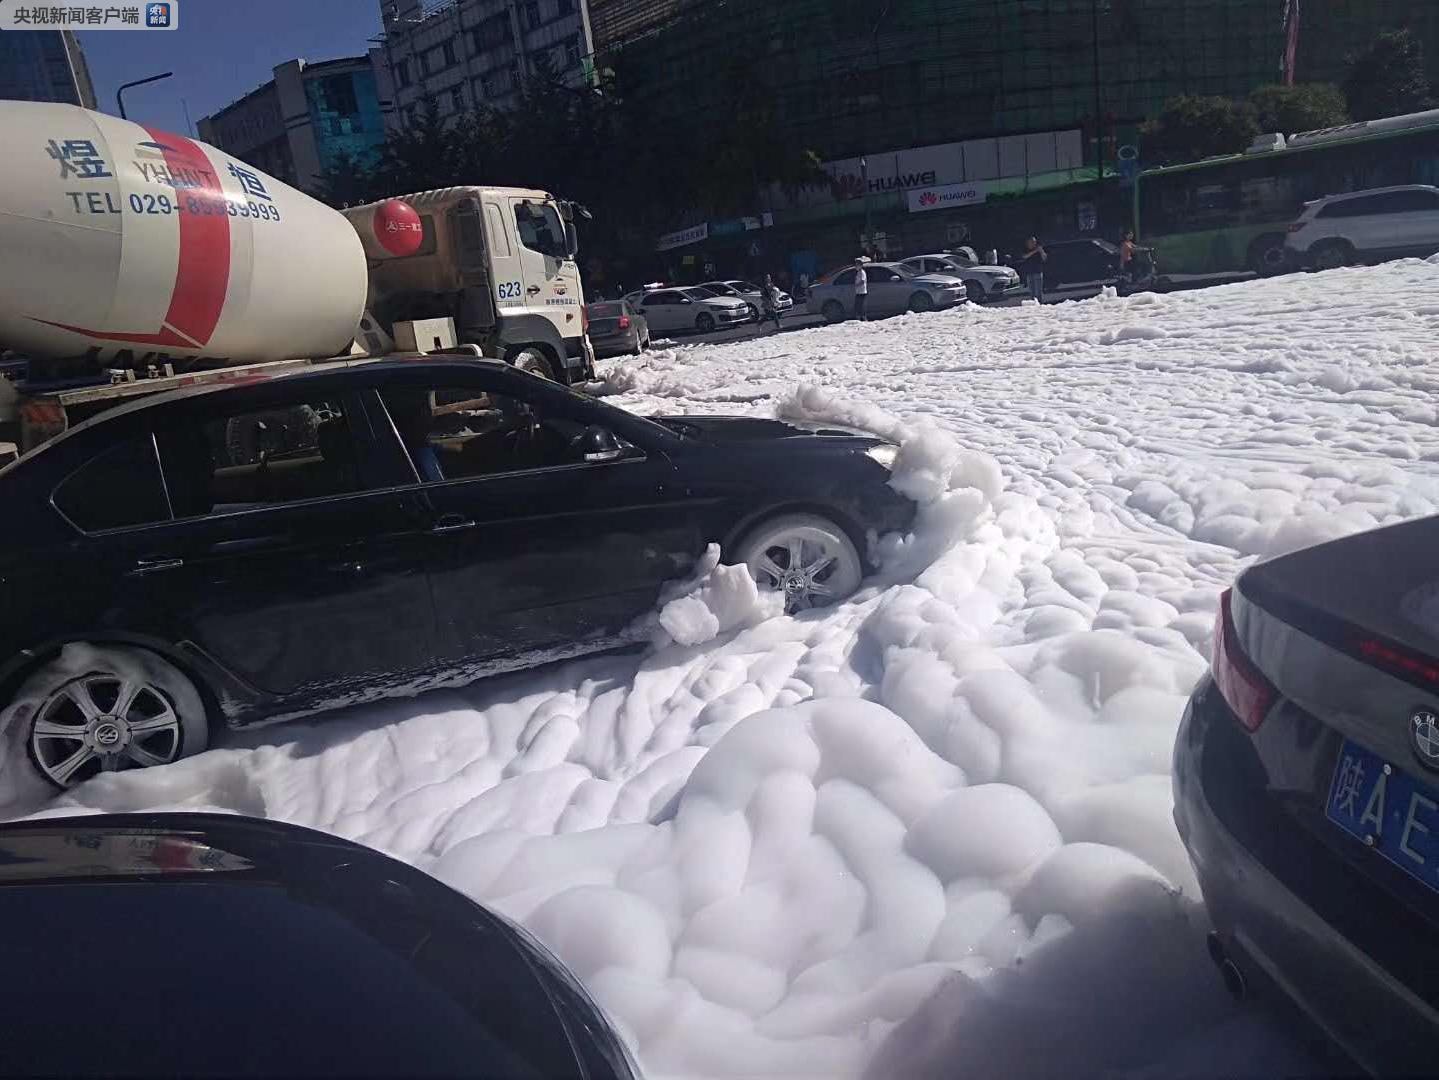 陕西西安一路口涌出大量白色泡沫覆盖路面